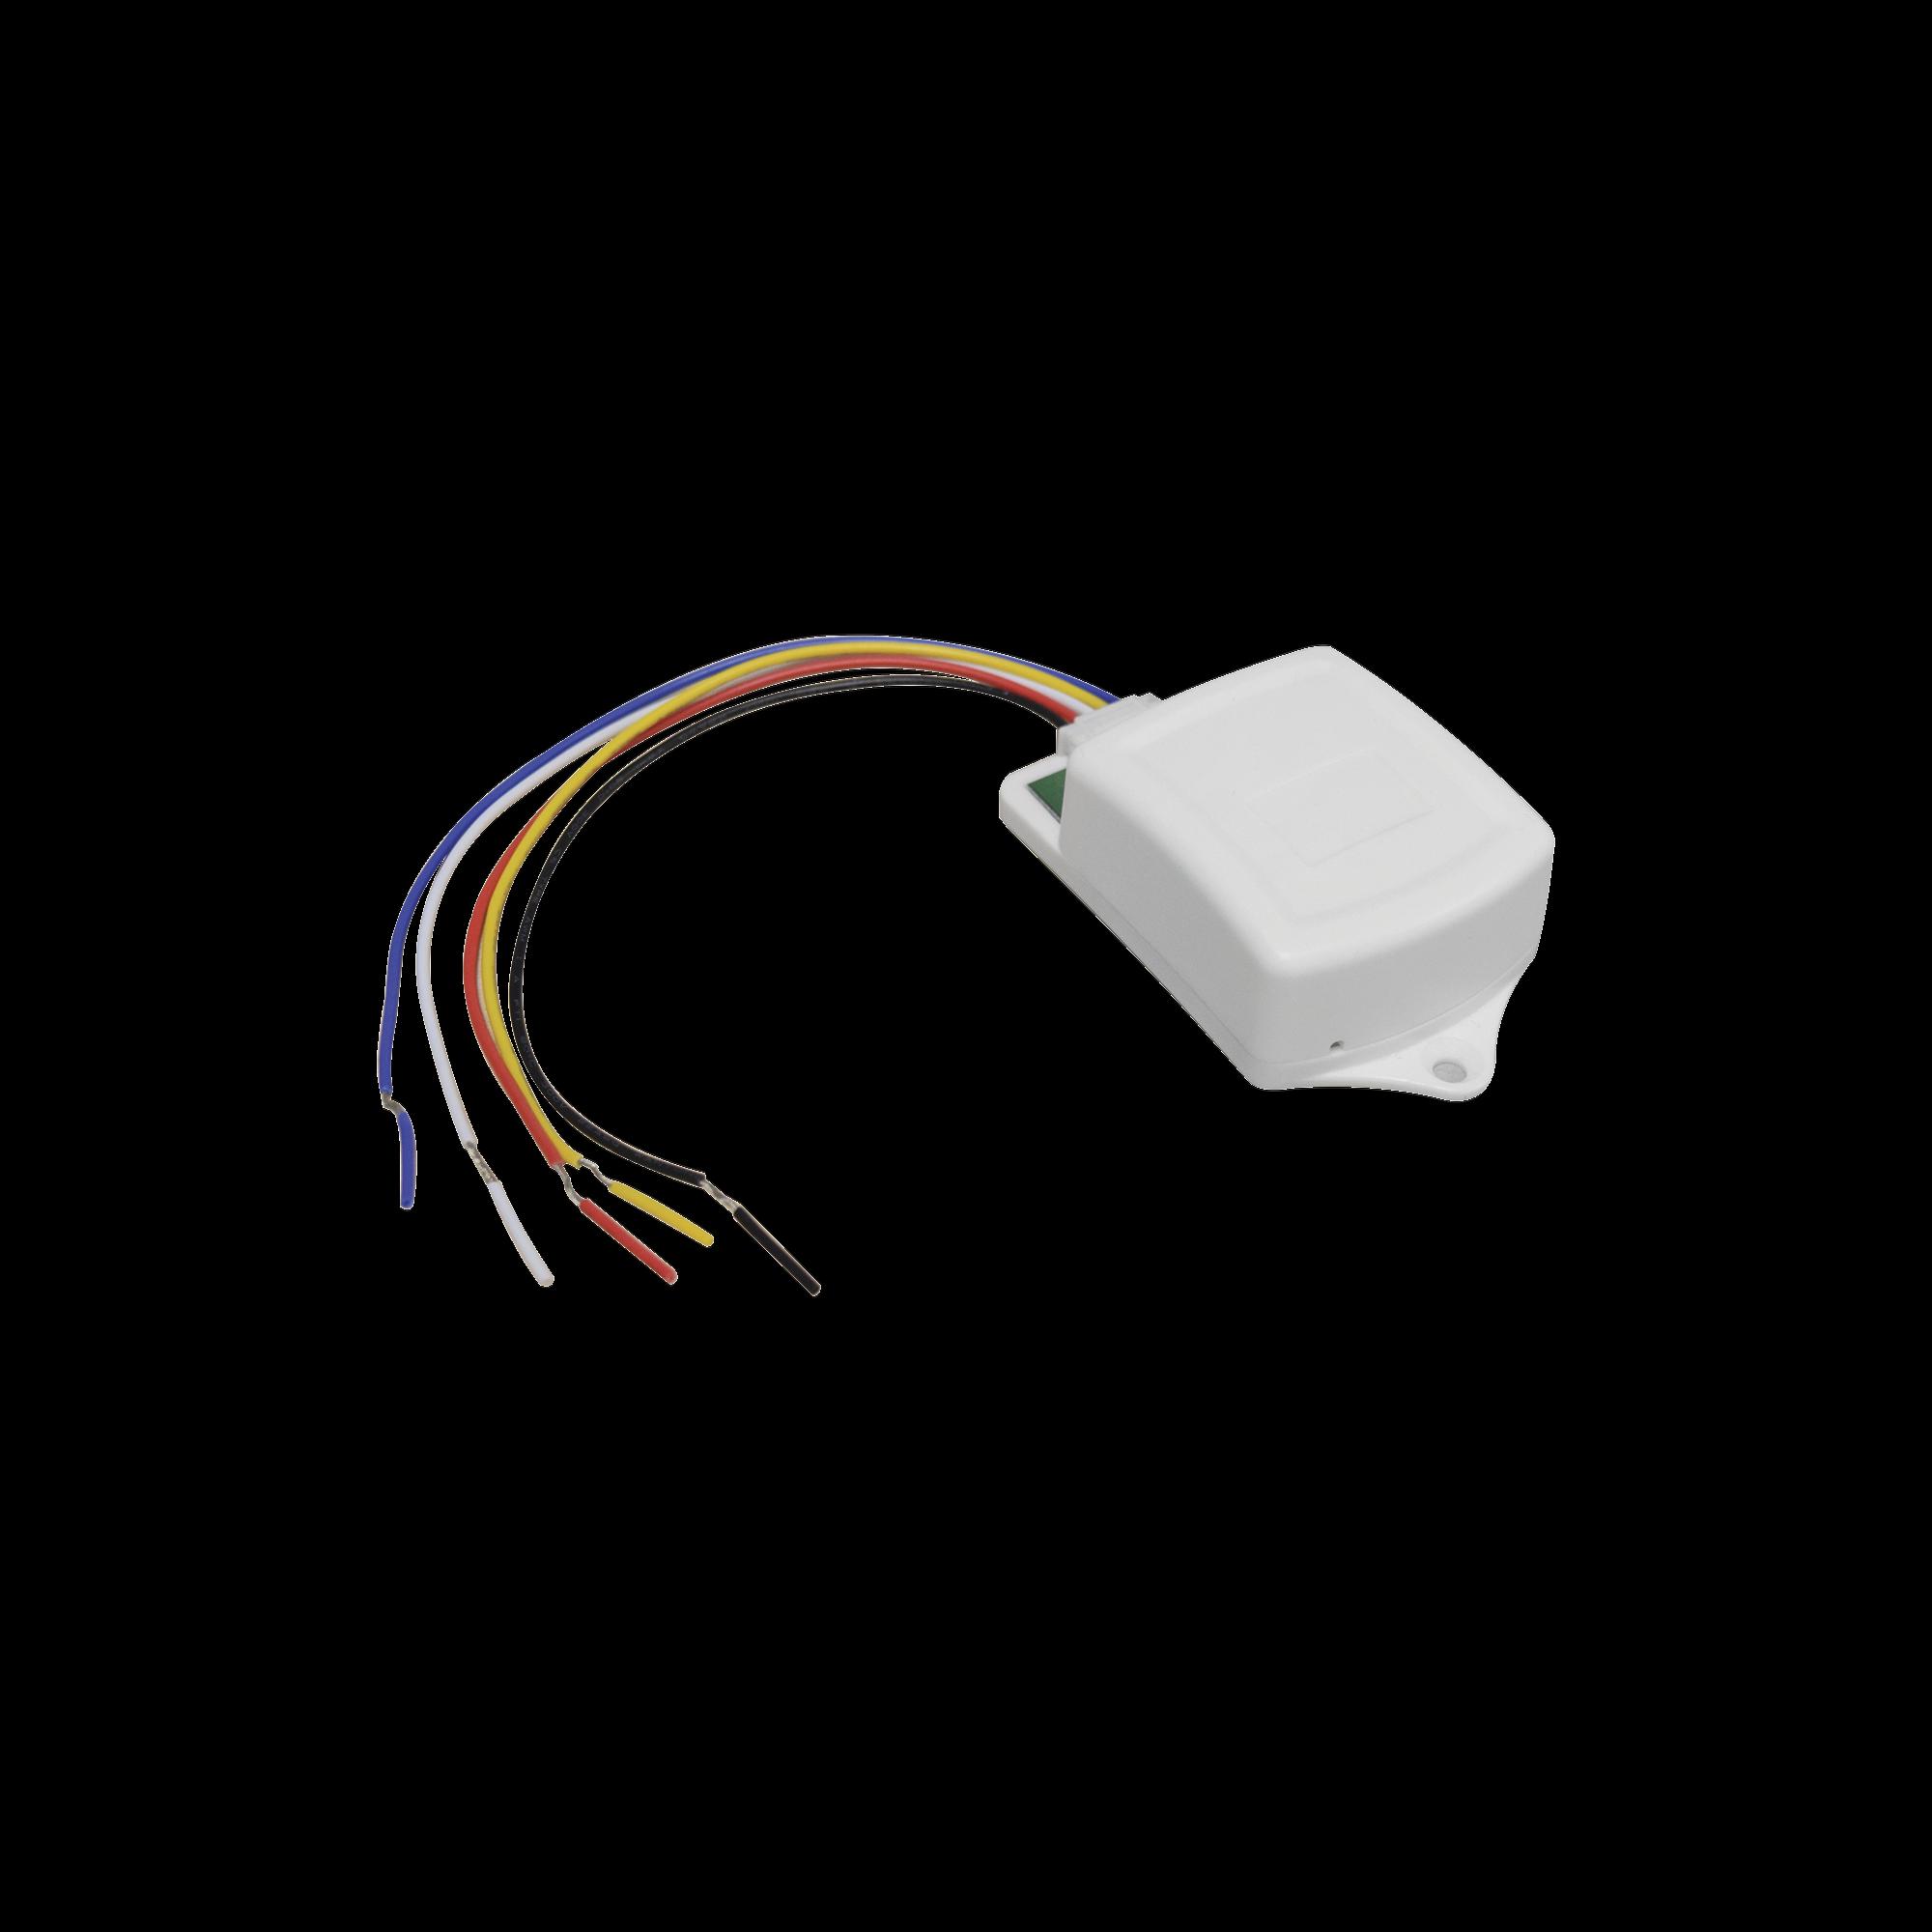 Receptor Bluetooth, de Apertura a traves del Smartphone/ Controle la Apertura de Cerraduras, Motores y mucho mas